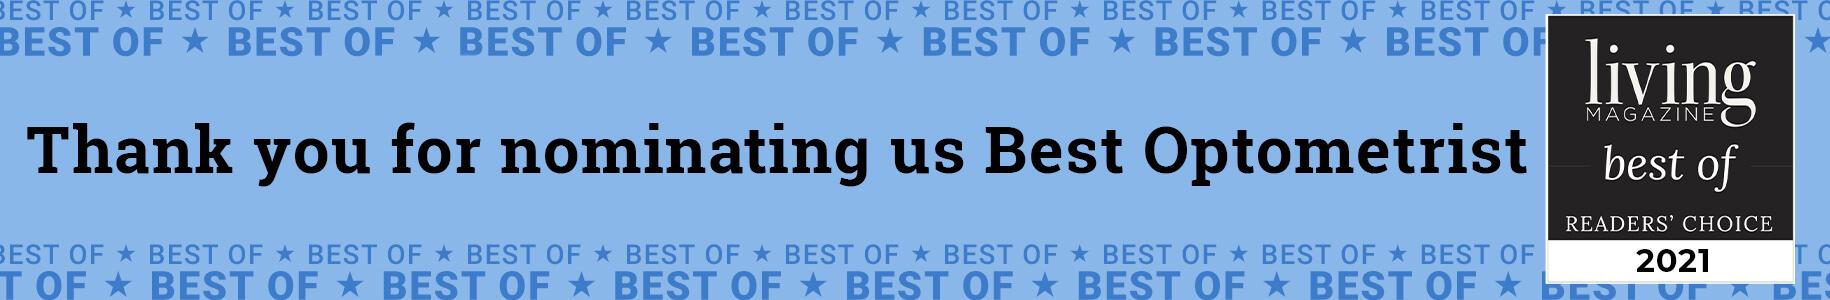 108 bestof banner 2021 nomination